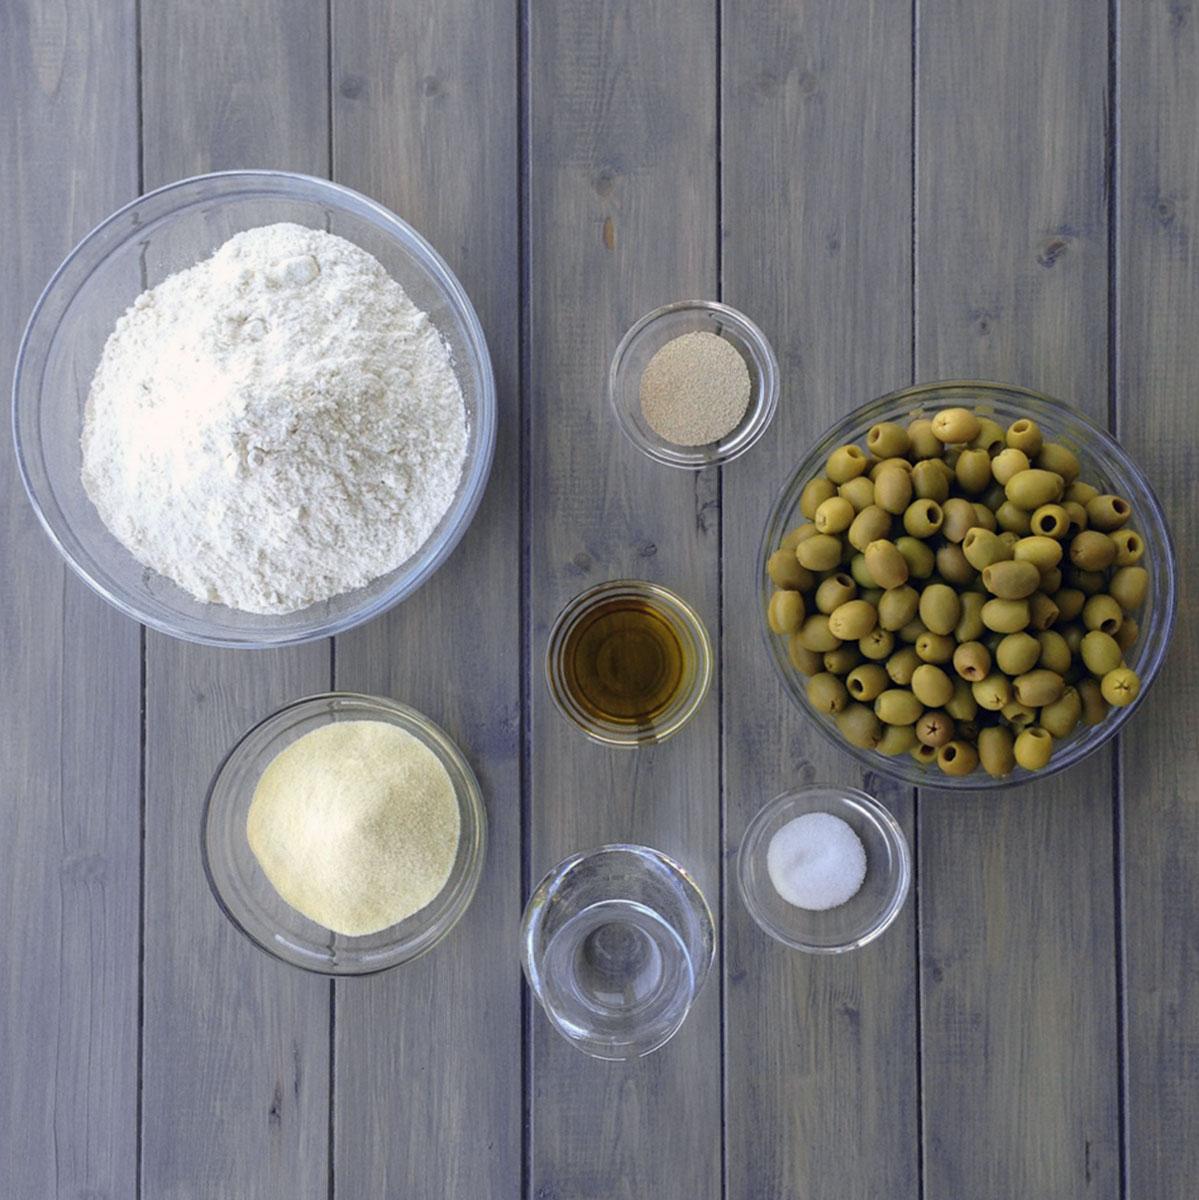 filoncini_olive_verdi_ingredienti